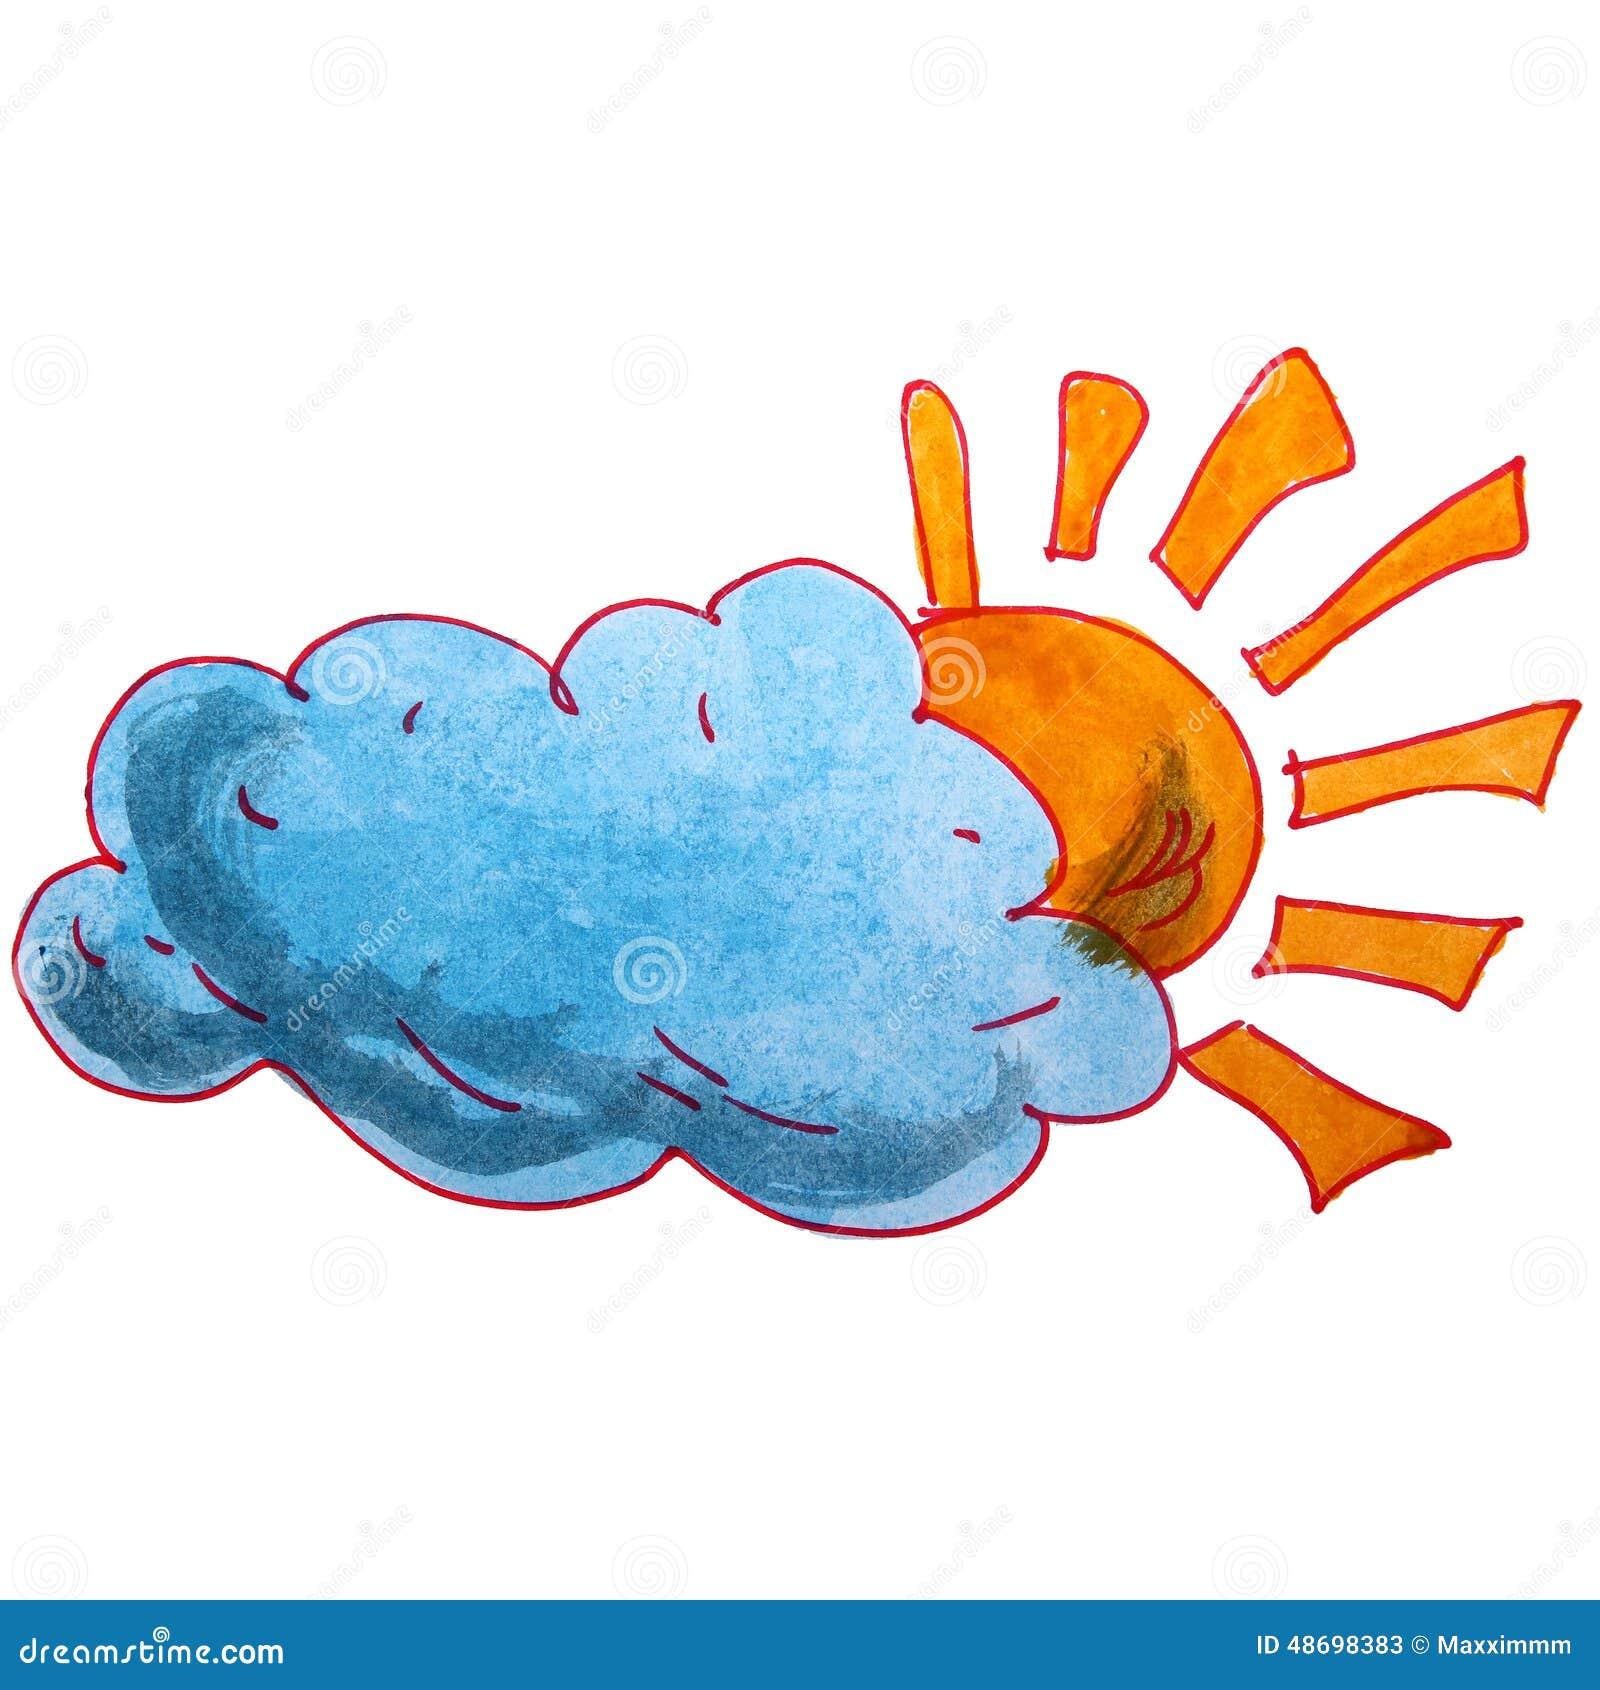 le soleil de bande dessin e de nuage d 39 aquarelle d 39 enfants de dessin sur a illustration stock. Black Bedroom Furniture Sets. Home Design Ideas